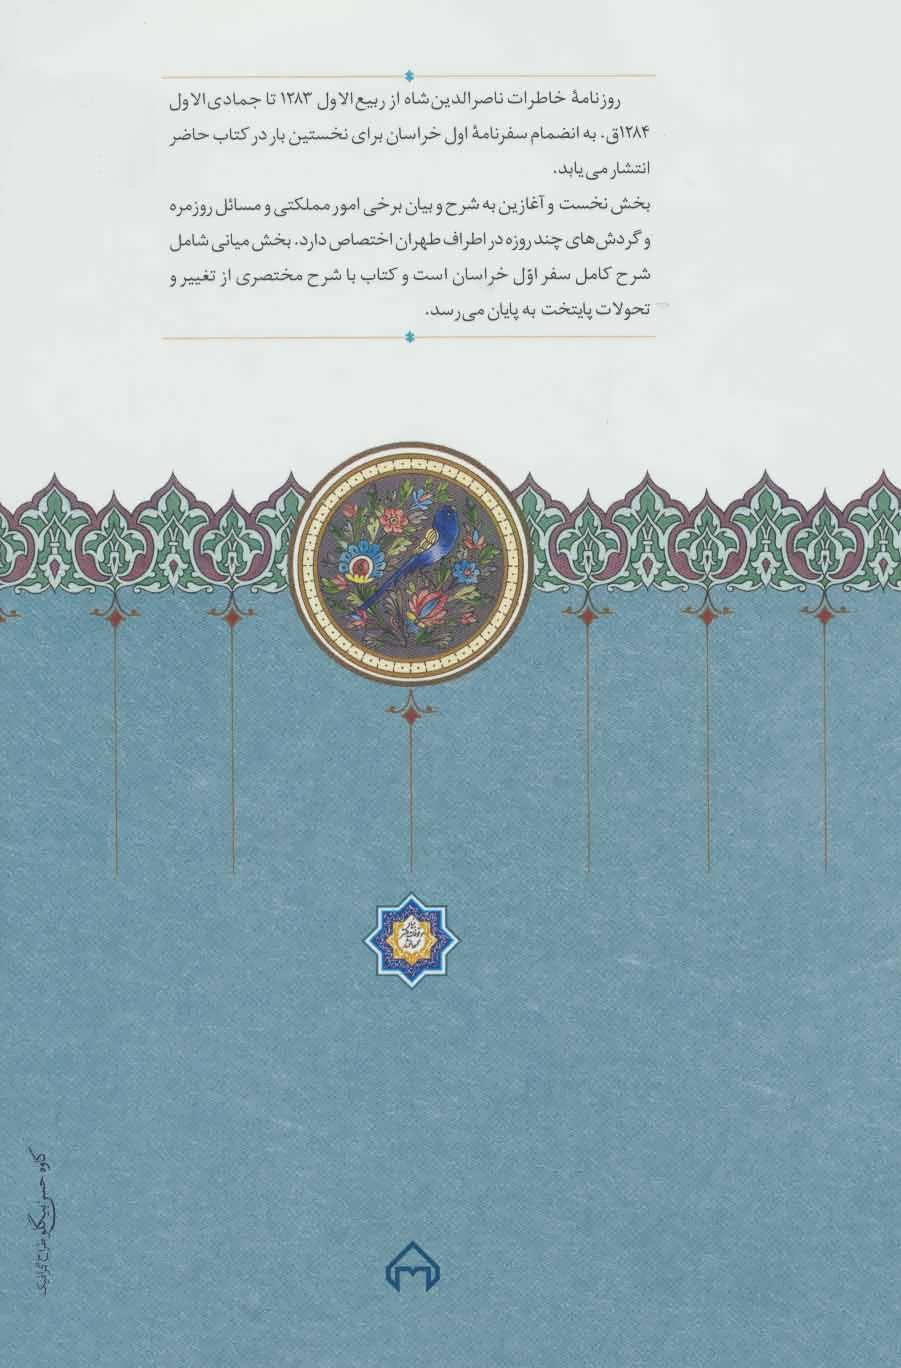 روزنامه خاطرات ناصرالدین شاه قاجار (از ربیع الاول 1283 تا جمادی الثانی 1284ق)